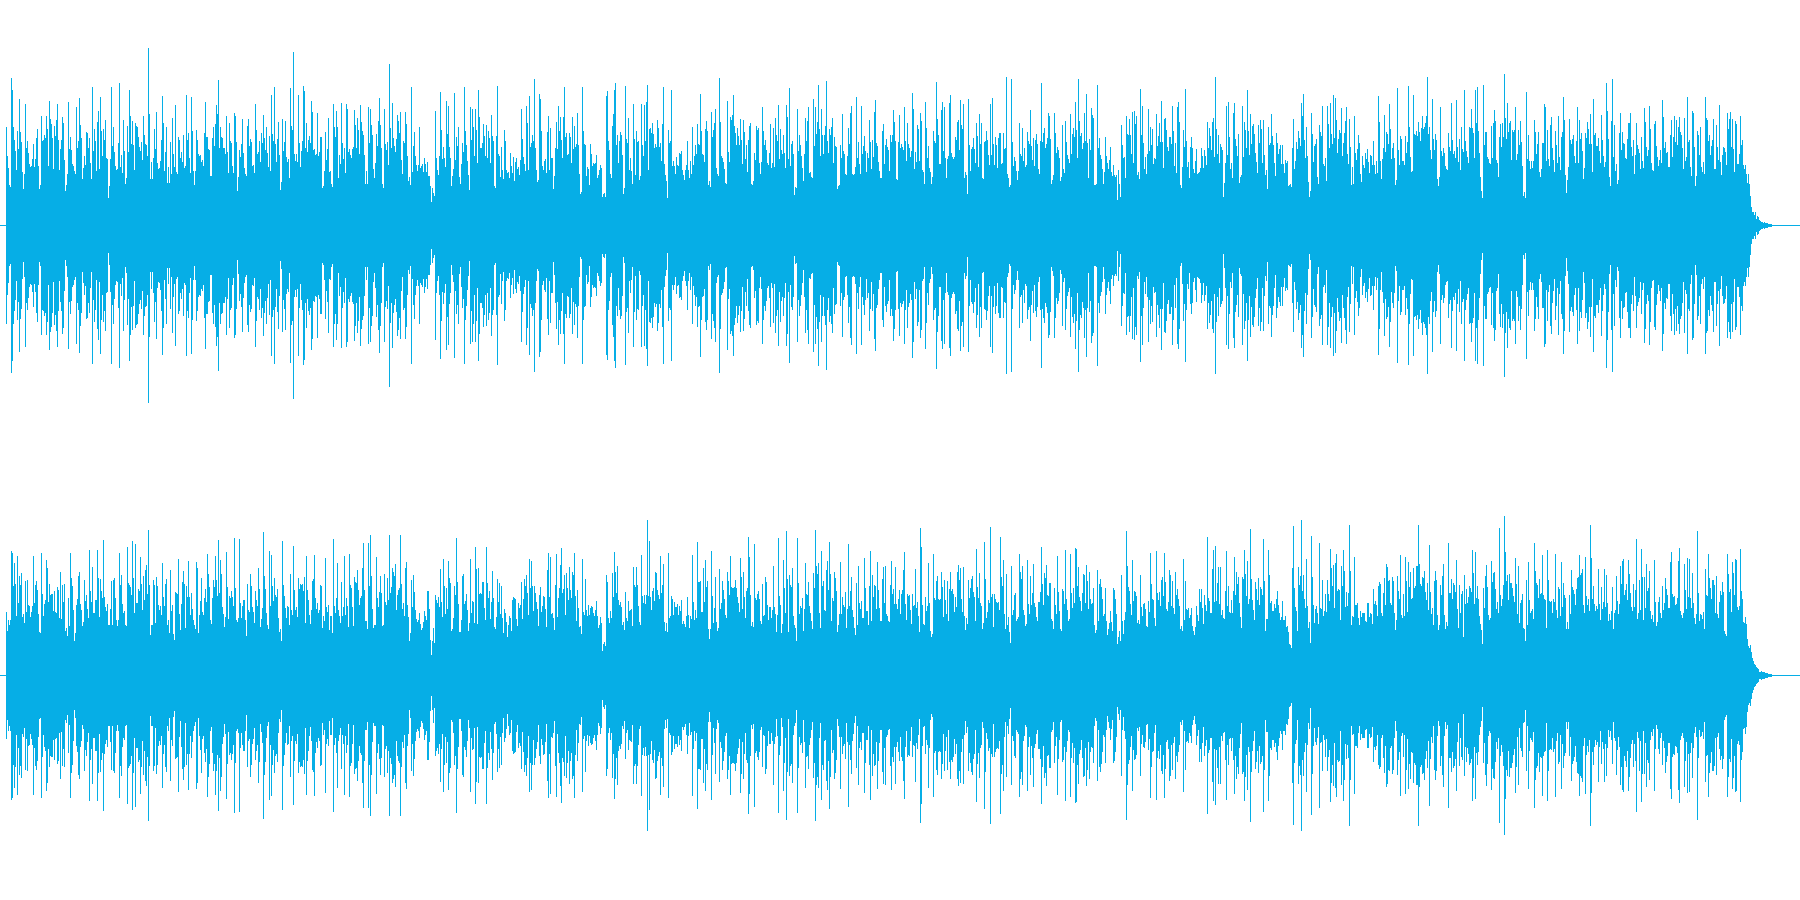 幻想的なスピリチュアルミュージックの再生済みの波形